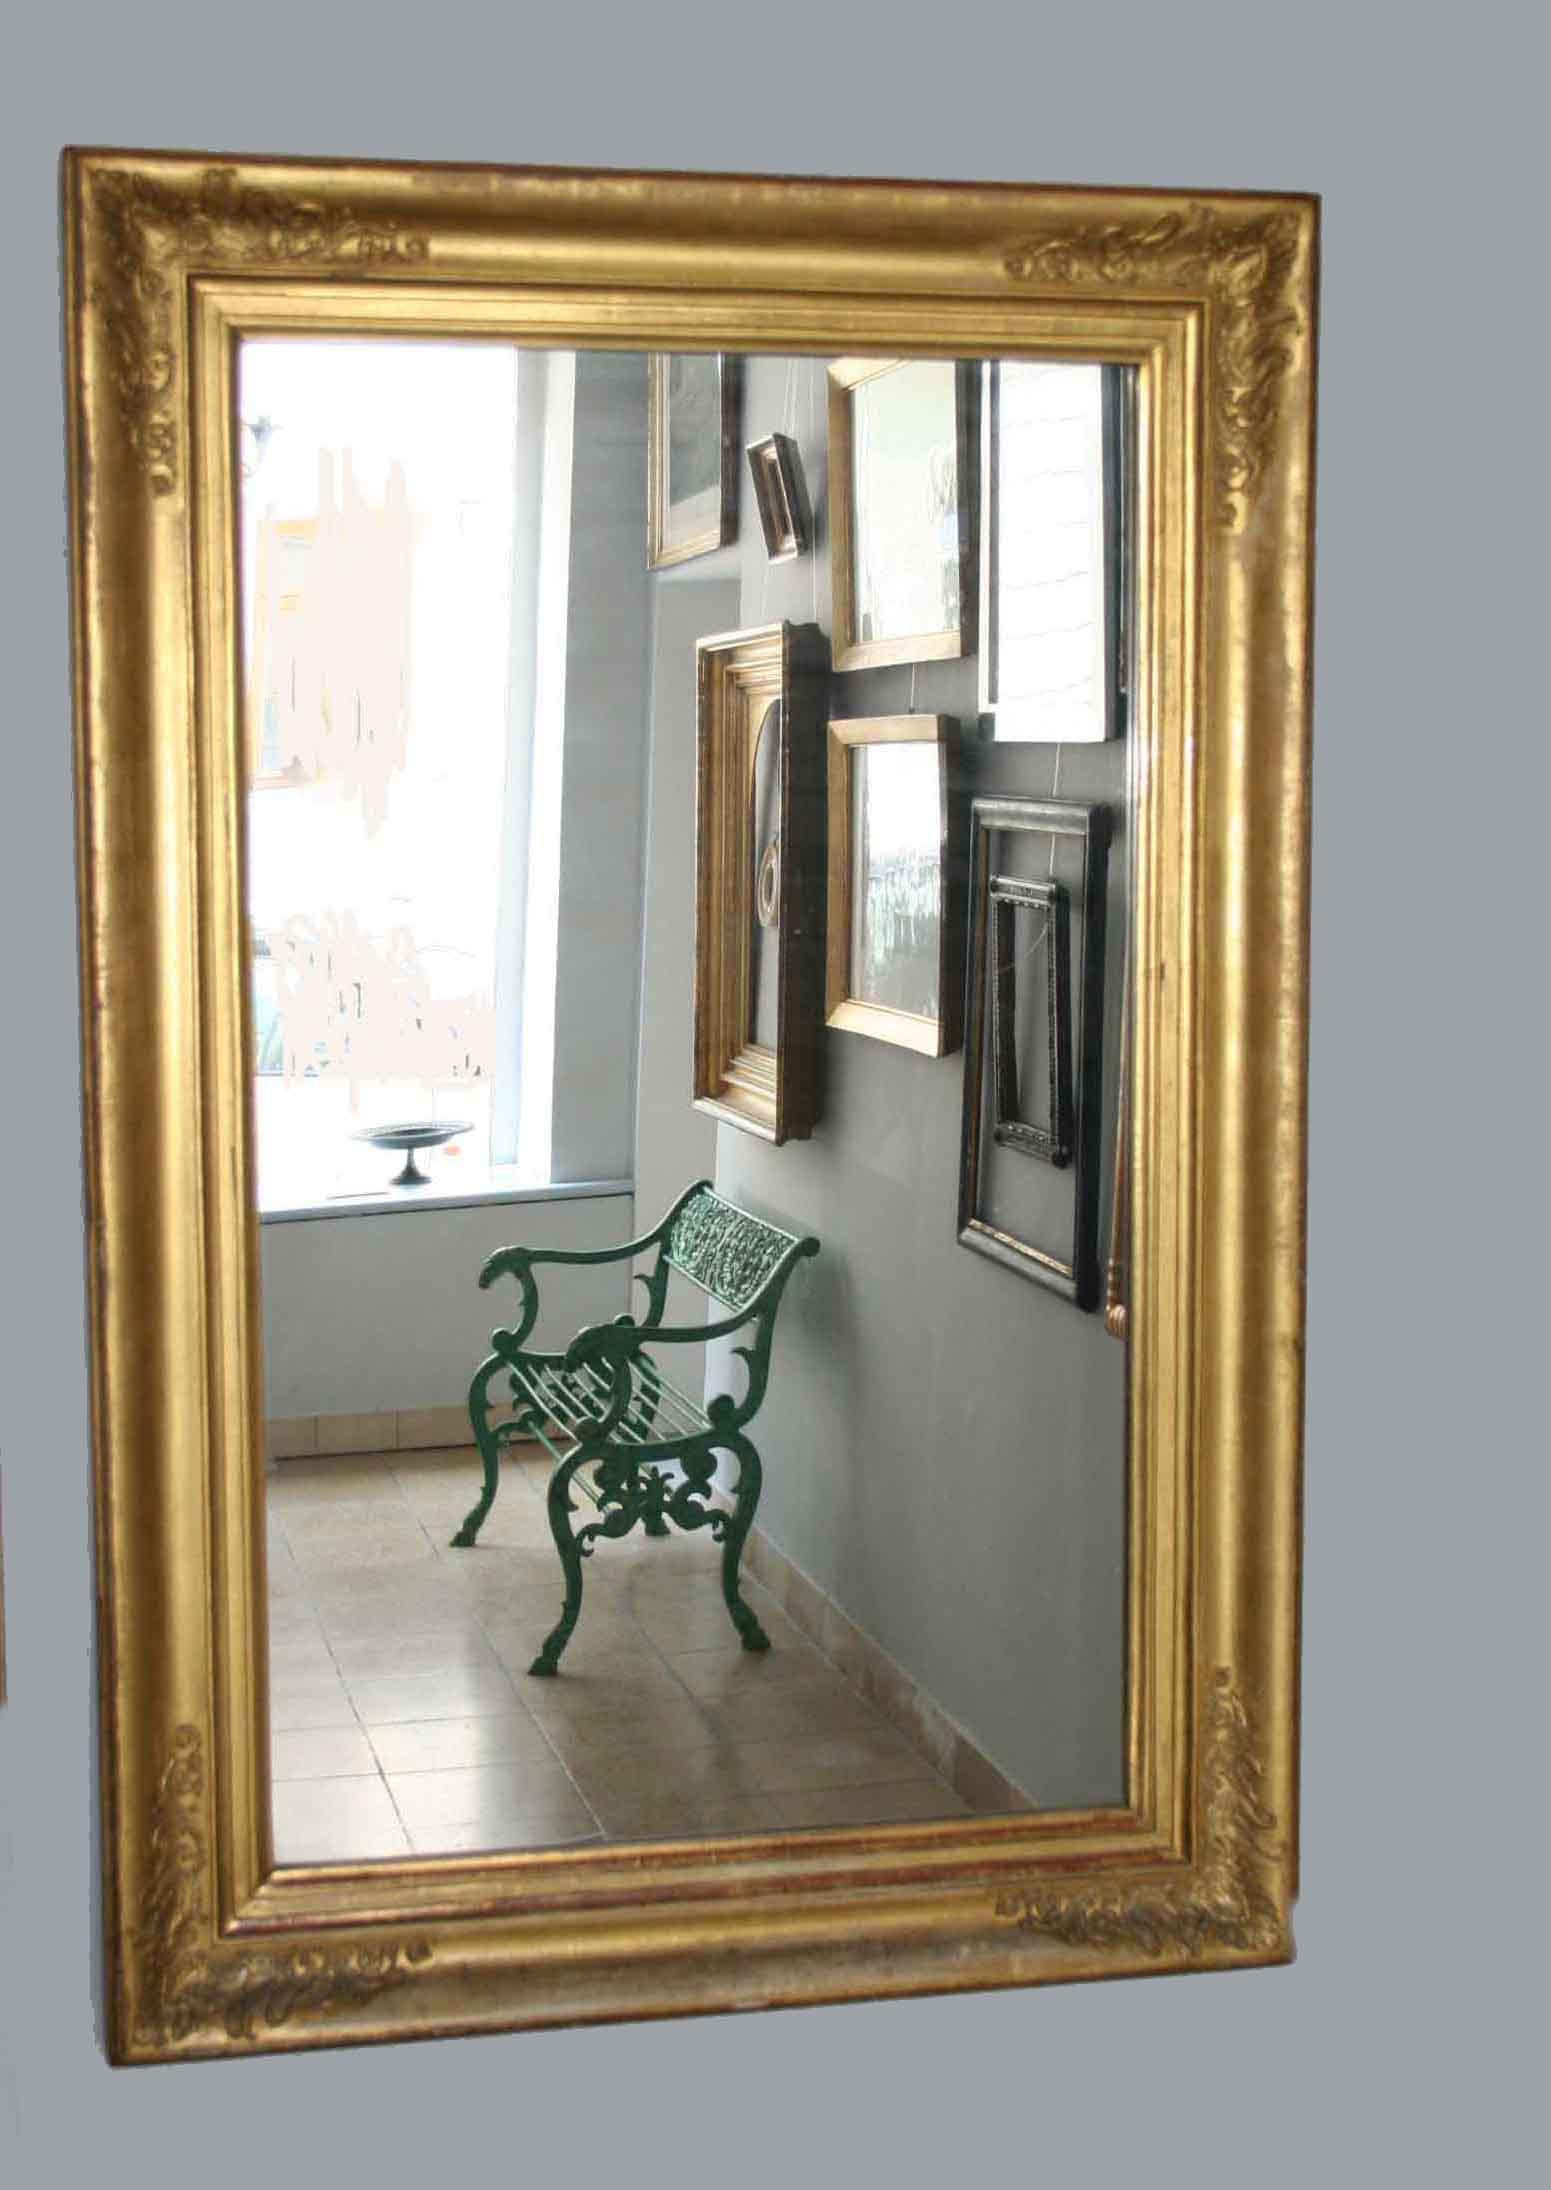 Im spiegel anschauen allmystery for Bild spiegel